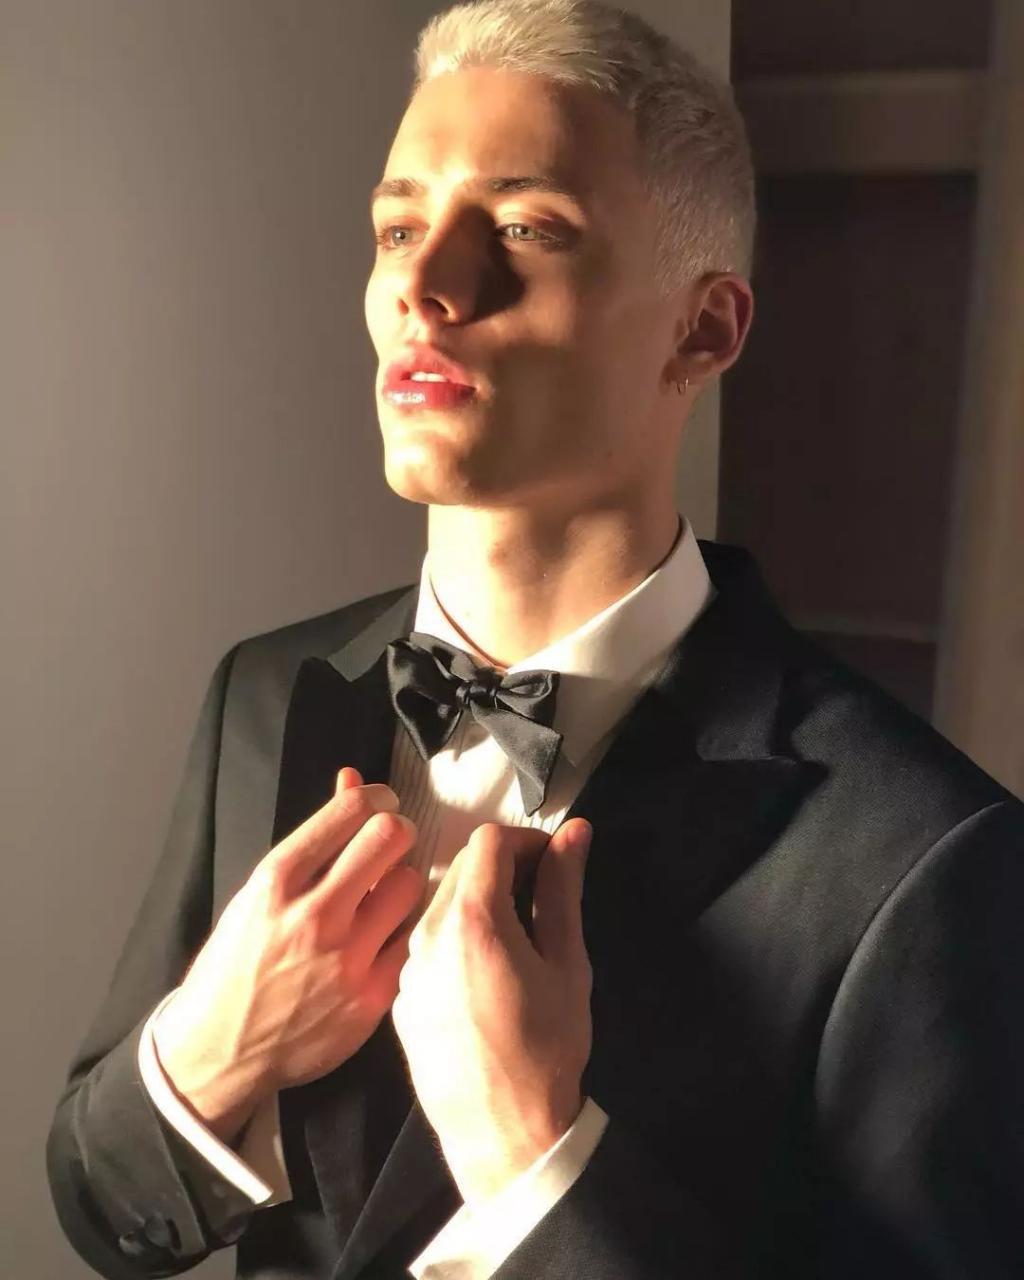 a95488319bdd4871a470adec4661d34c - 如今最红的巴西男模,才十八岁就成为Versace的最爱!